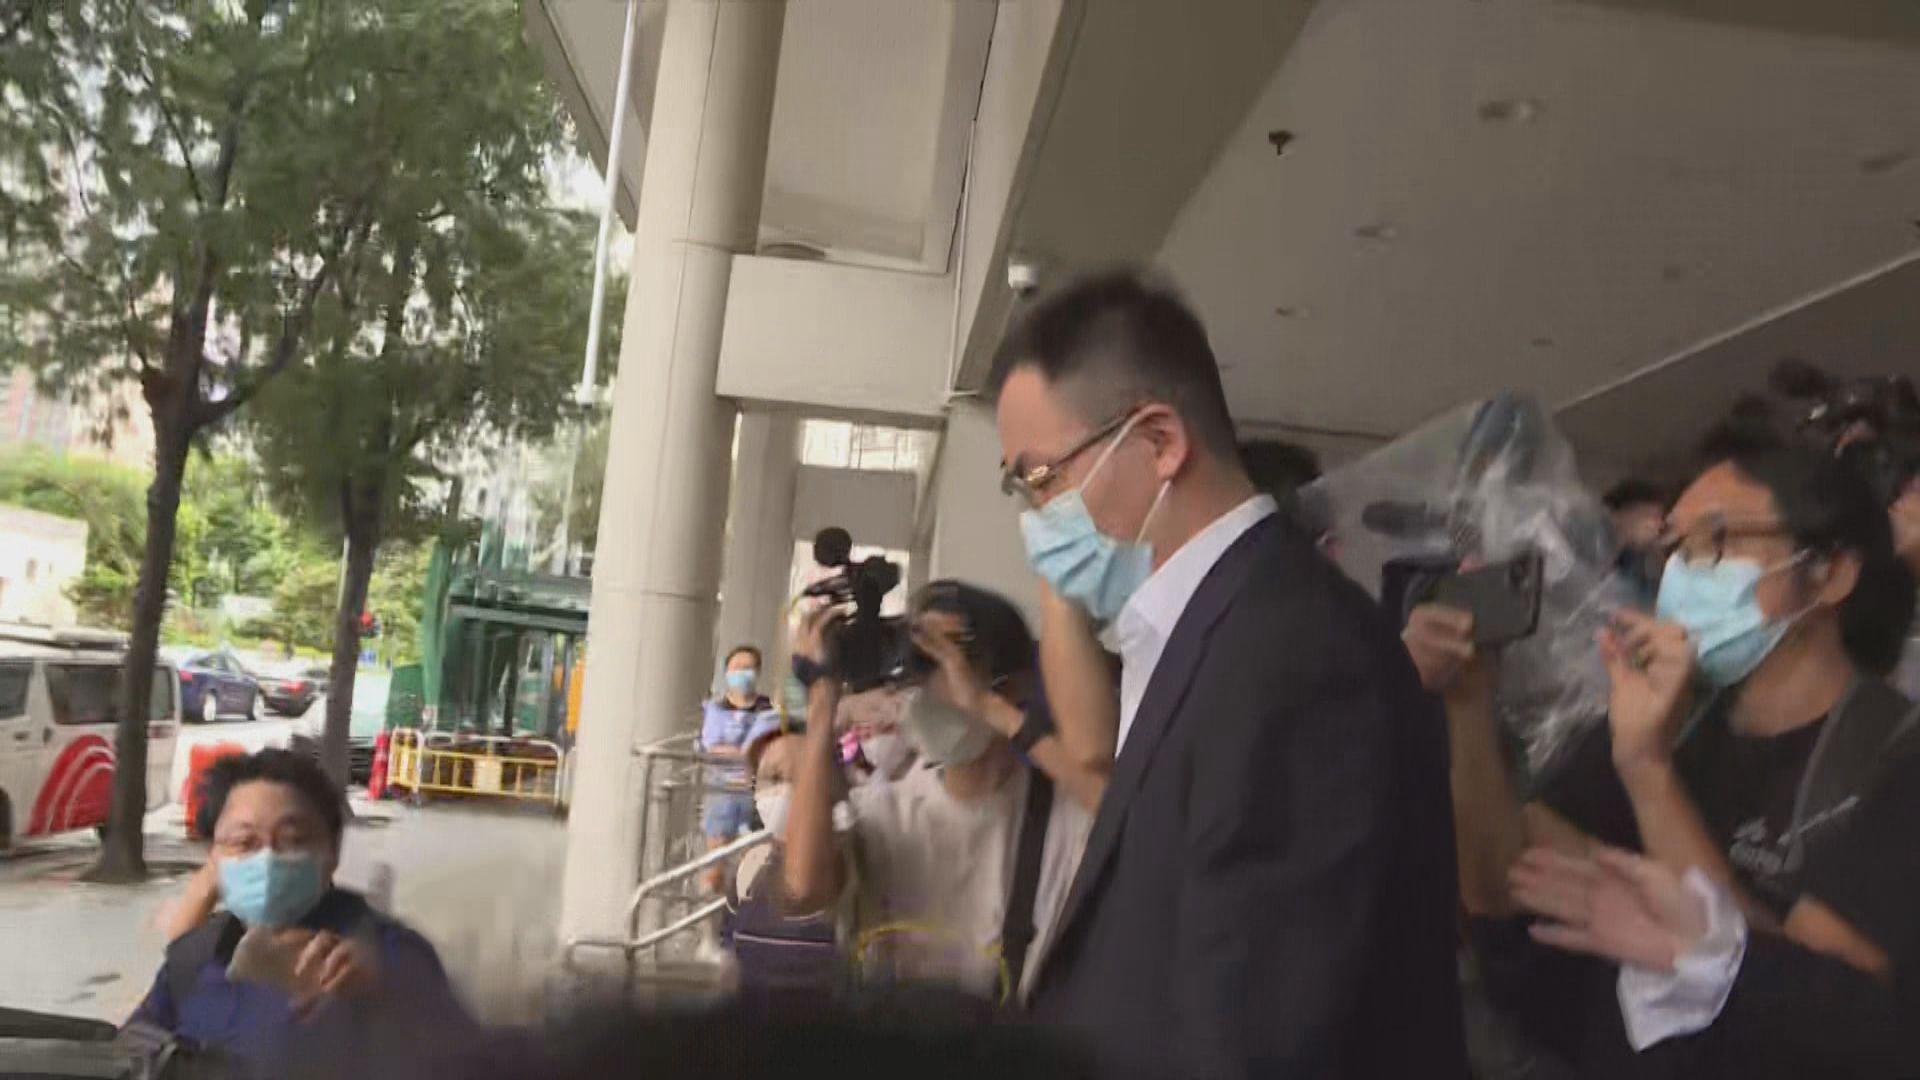 企圖強姦案被告陳奮准以原有條件保釋 月底再訊